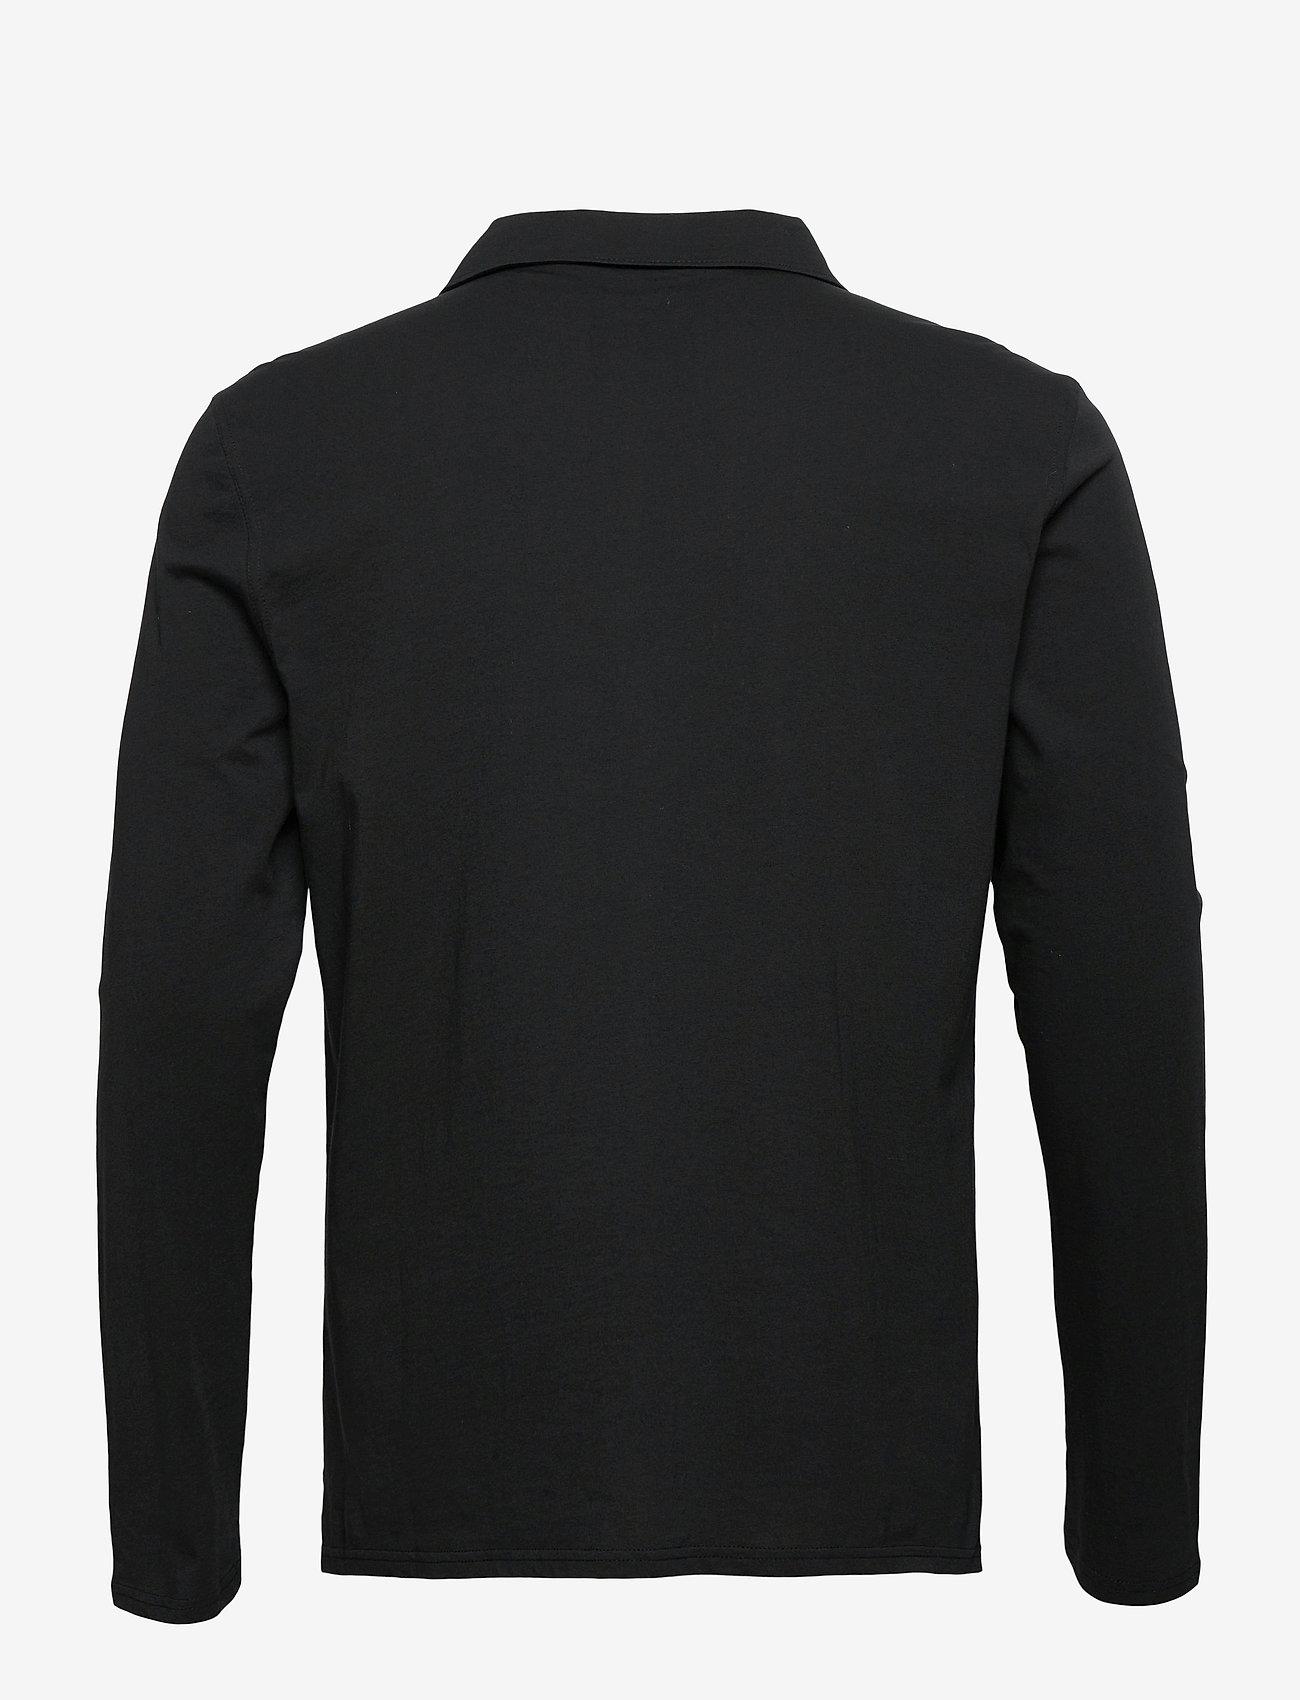 Tiger of Sweden - TRUANE - basic skjorter - black - 1